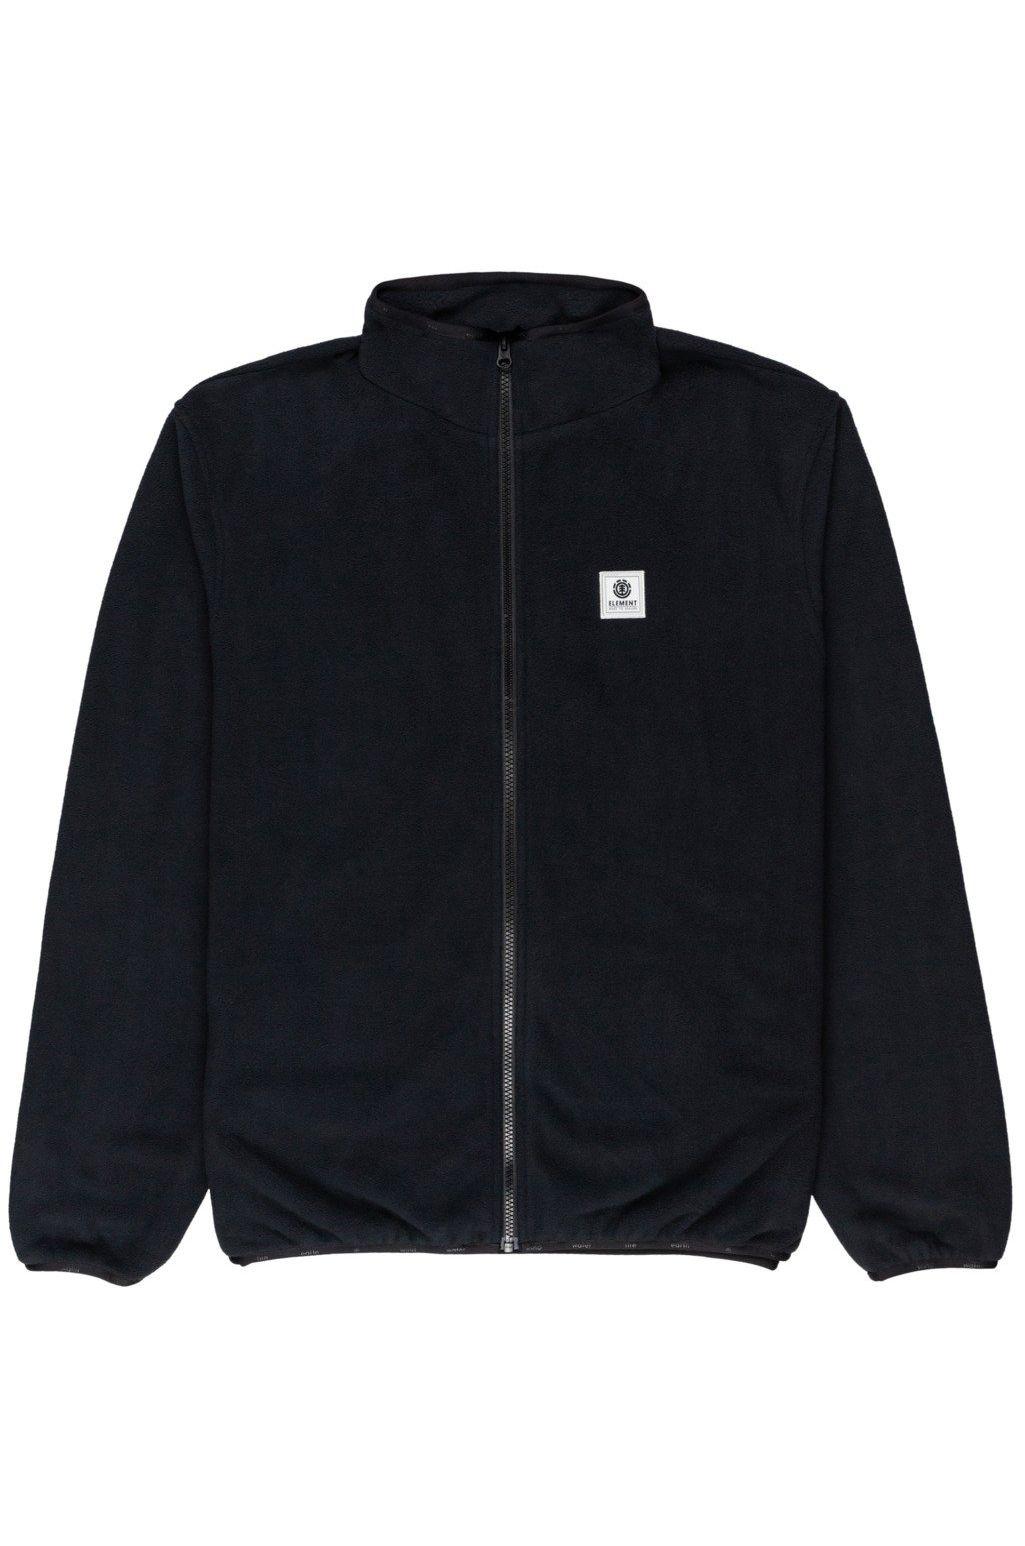 Element Coat ABENAKI ZIP Flint Black